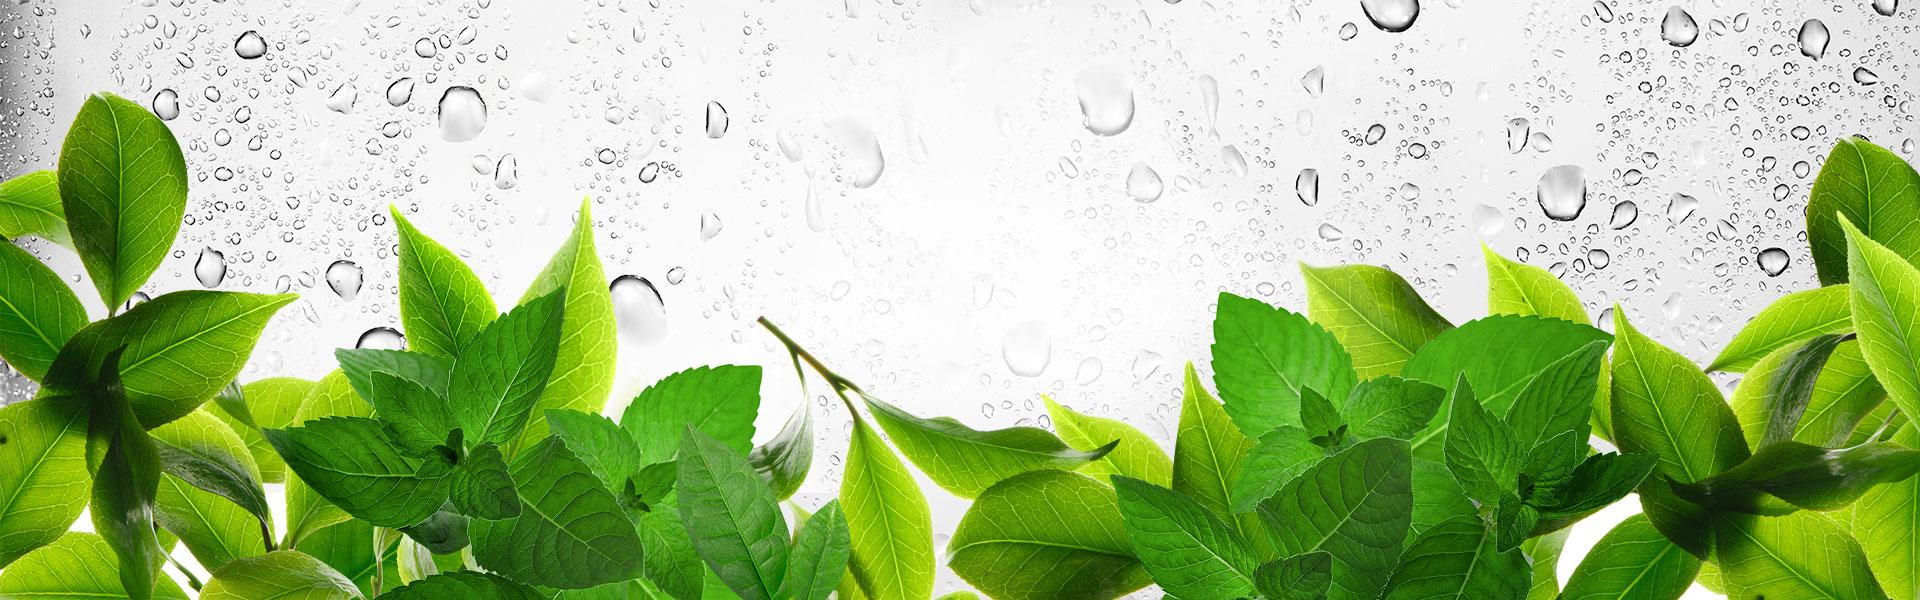 背景 壁纸 绿色 绿叶 树叶 植物 桌面 1920_600